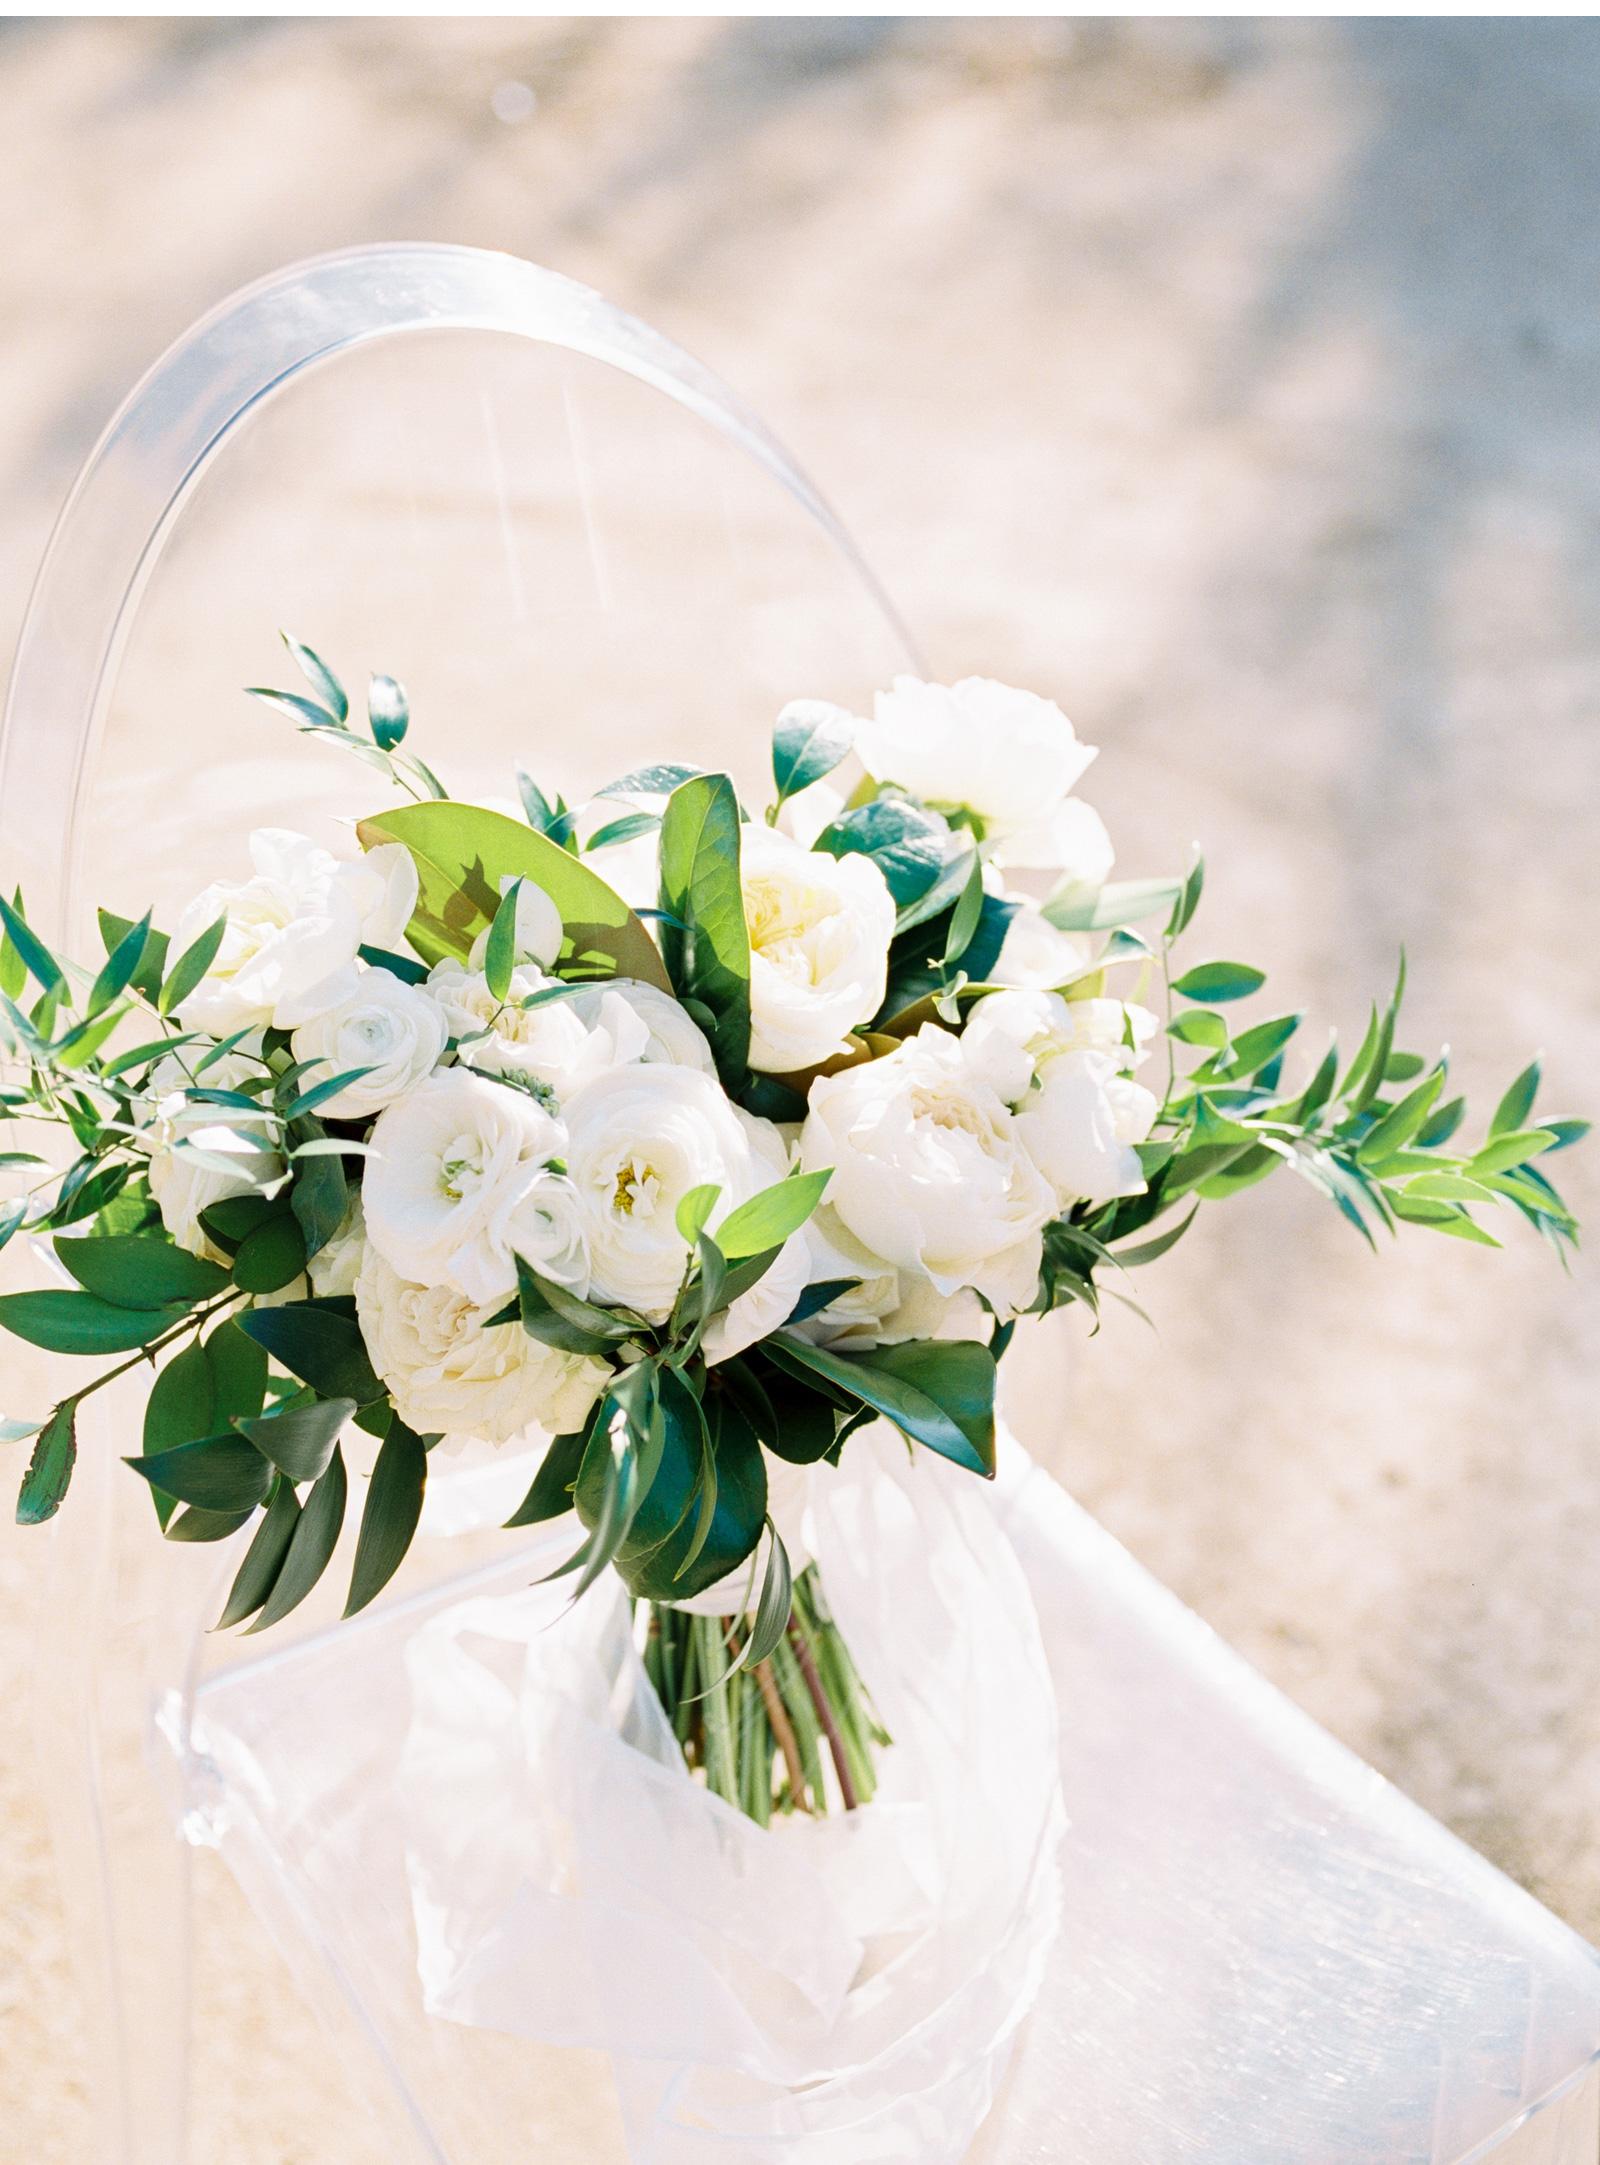 Malibu-Wedding-Photography-West-Coast-Wedding-Venues-Style-Me-Pretty-Malibu-Wedding-Venue_12.jpg